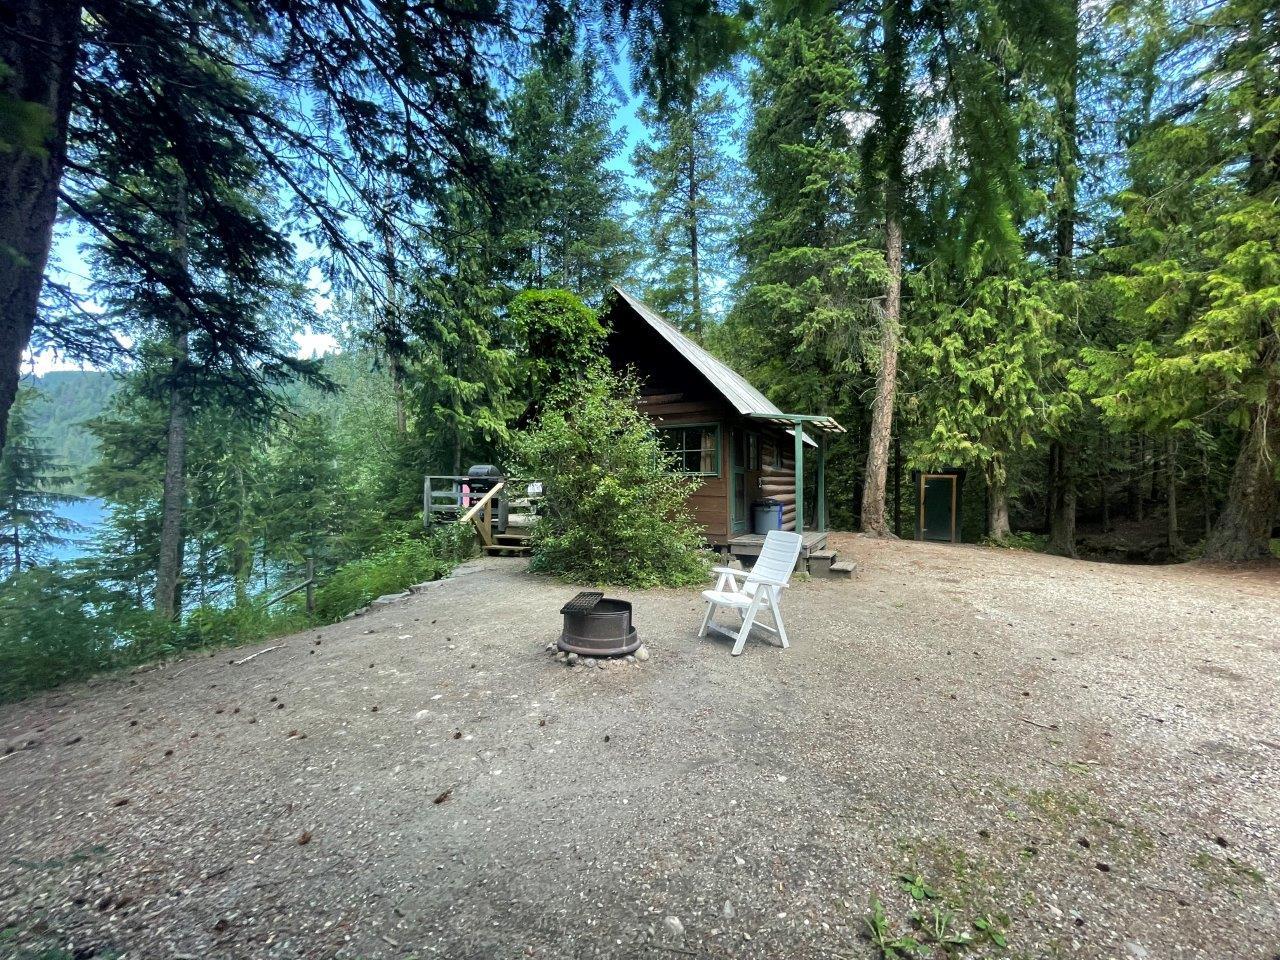 Echo lake resort 25